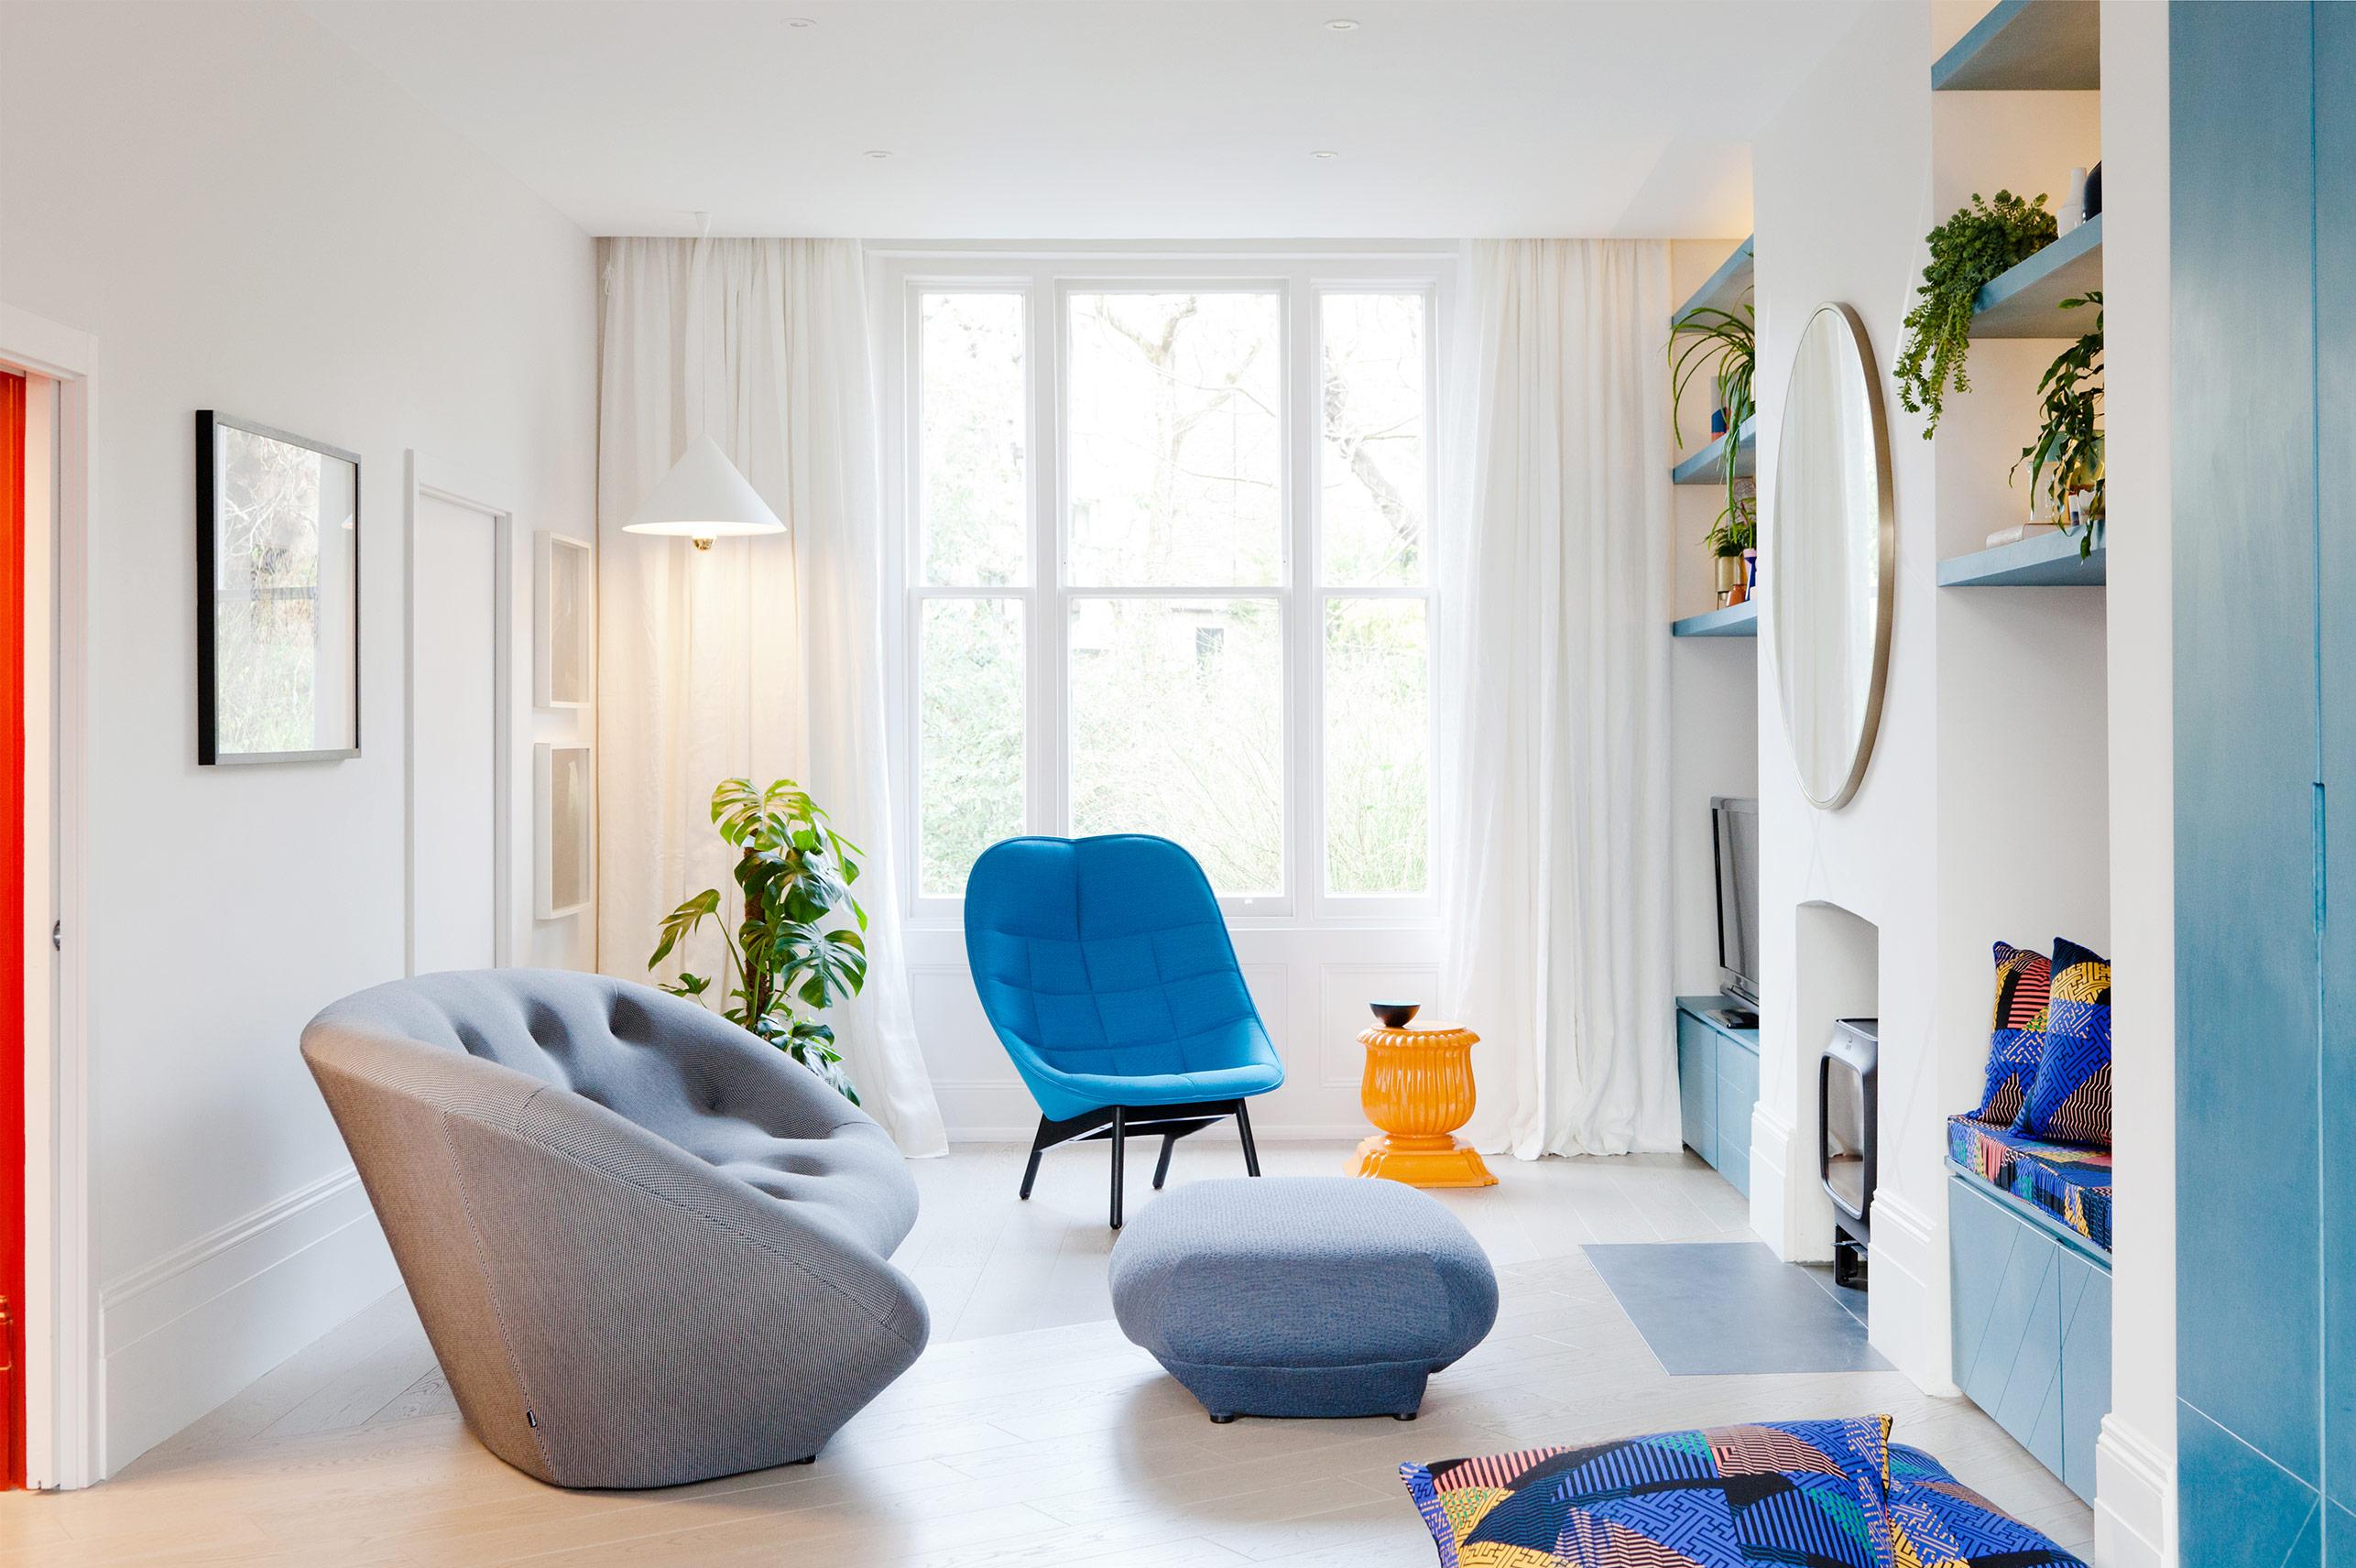 4-Langkah-Menghasilkan-Skema-Warna-Ruangan-yang-Sempurna-inspirasi